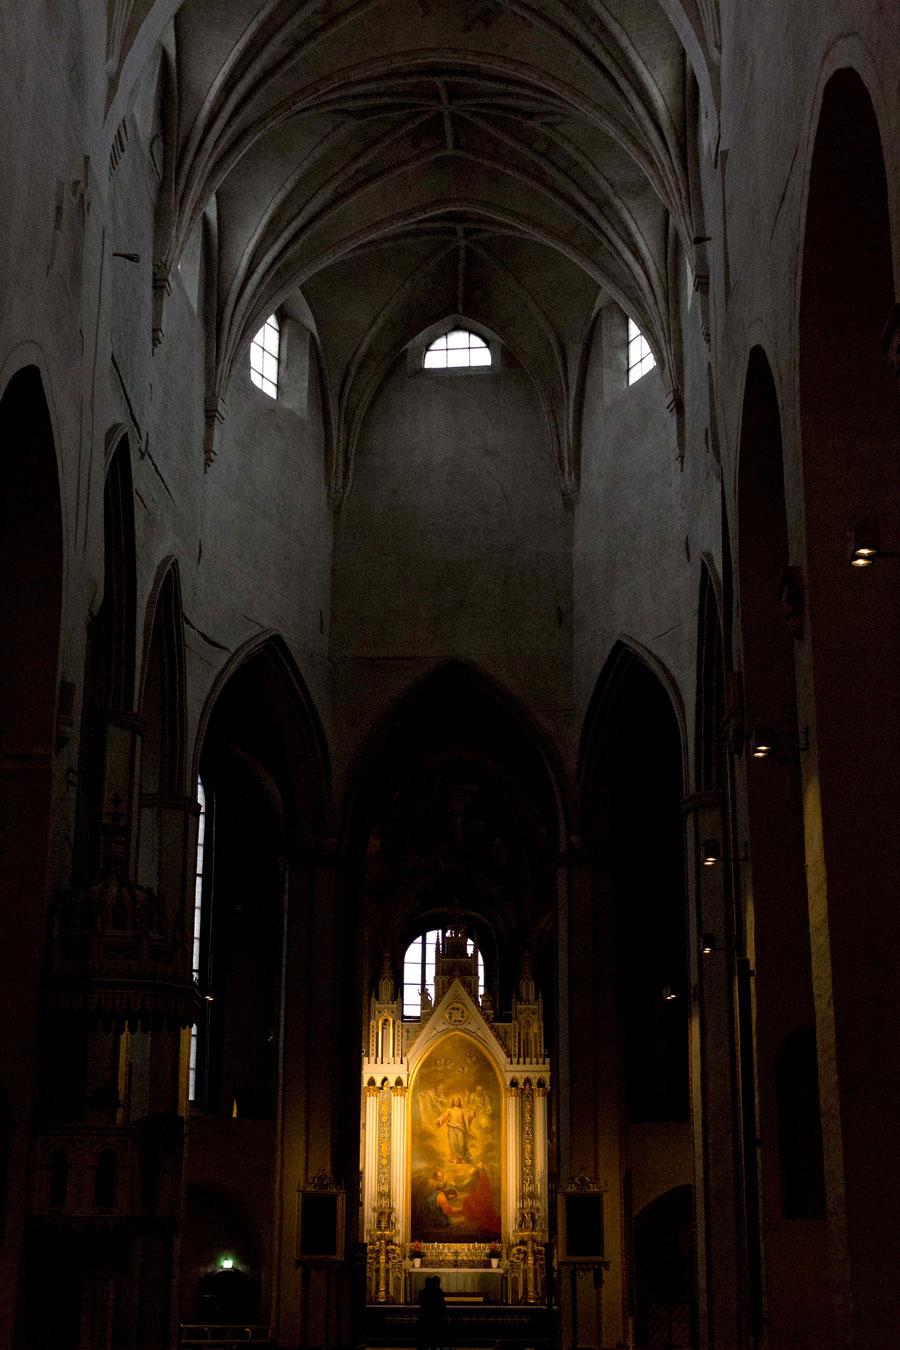 Der Innenraum des Domes in Turku, Finnland